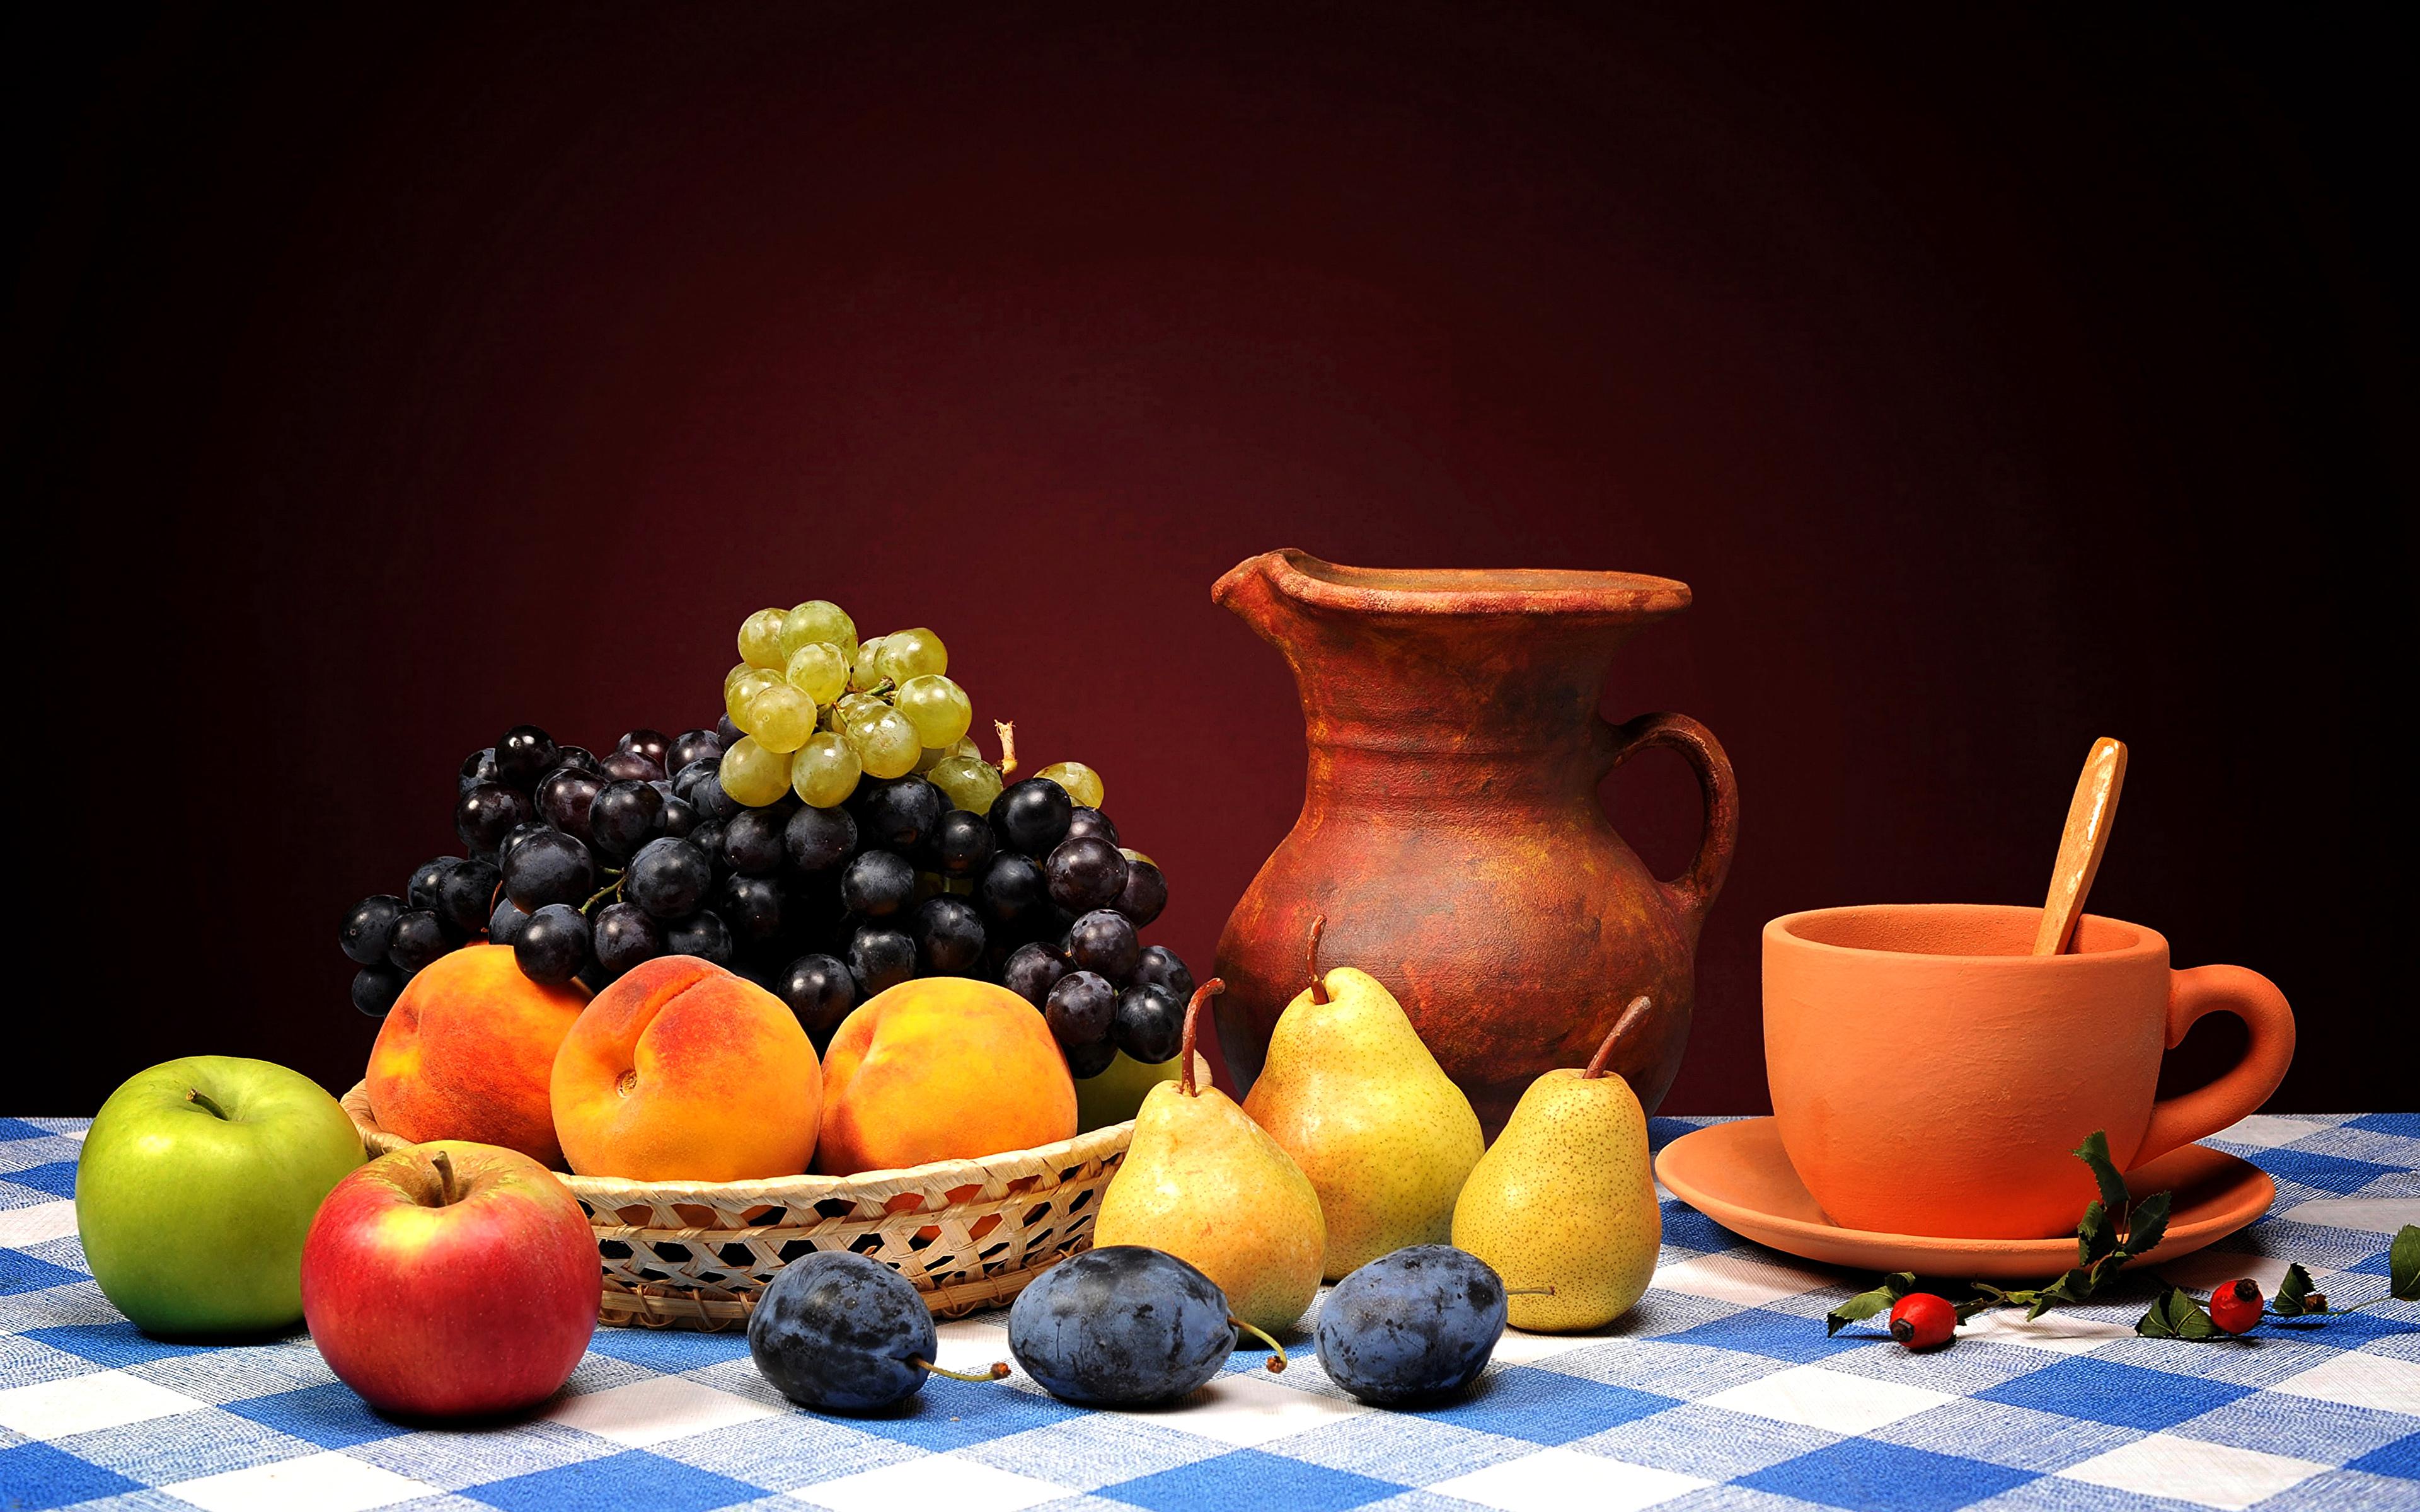 еда фрукты груша виноград корзина food fruit pear grapes basket загрузить